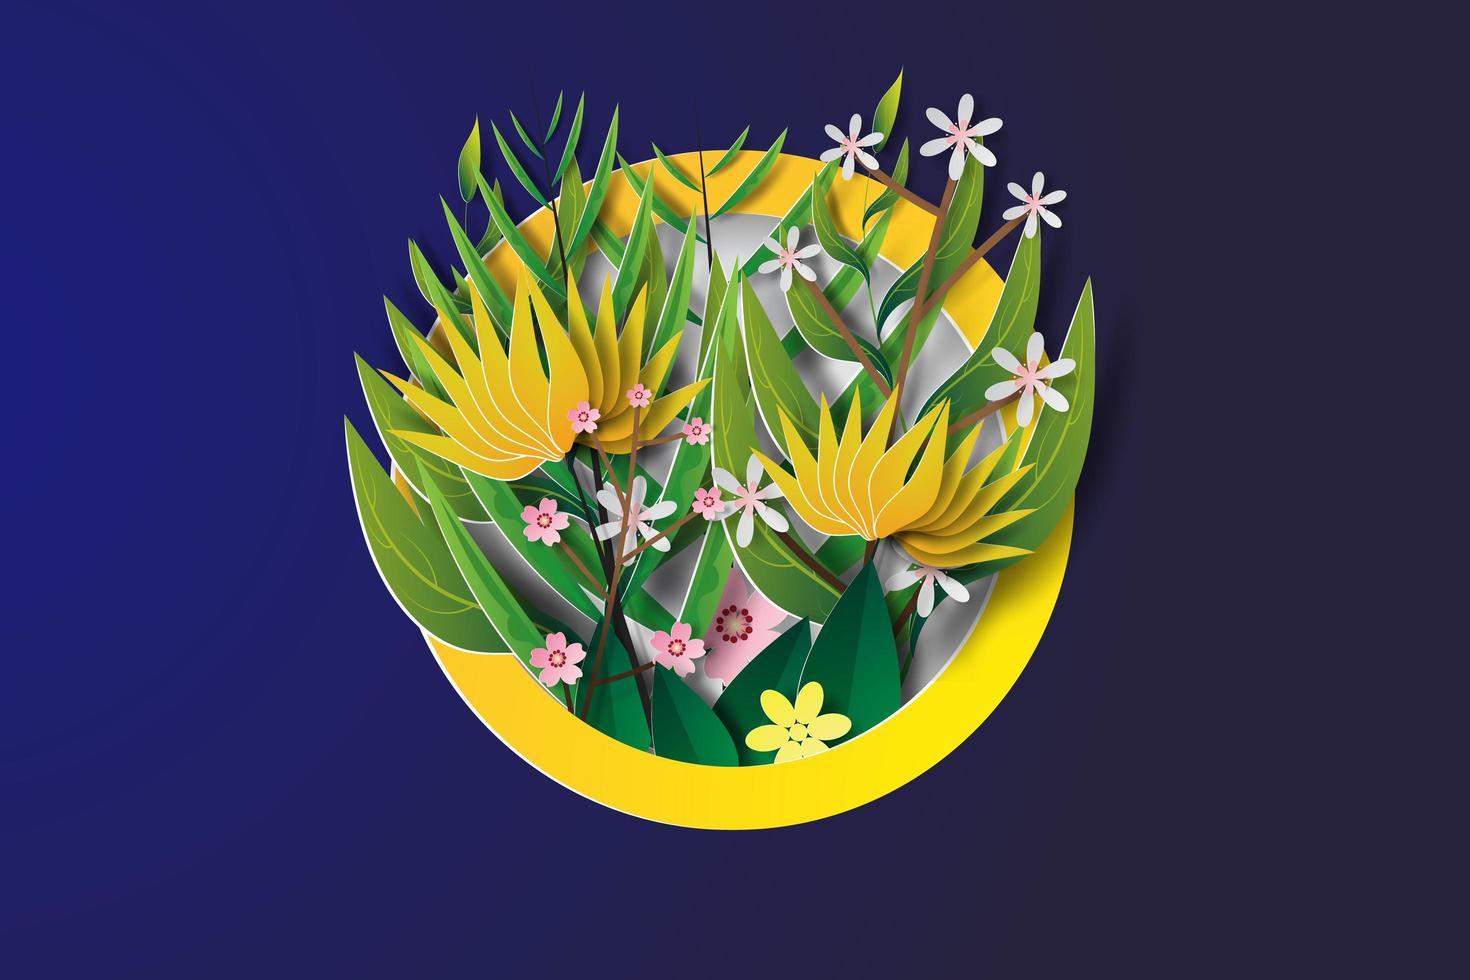 Papierkunst der Blumencollage im Kreis vektor